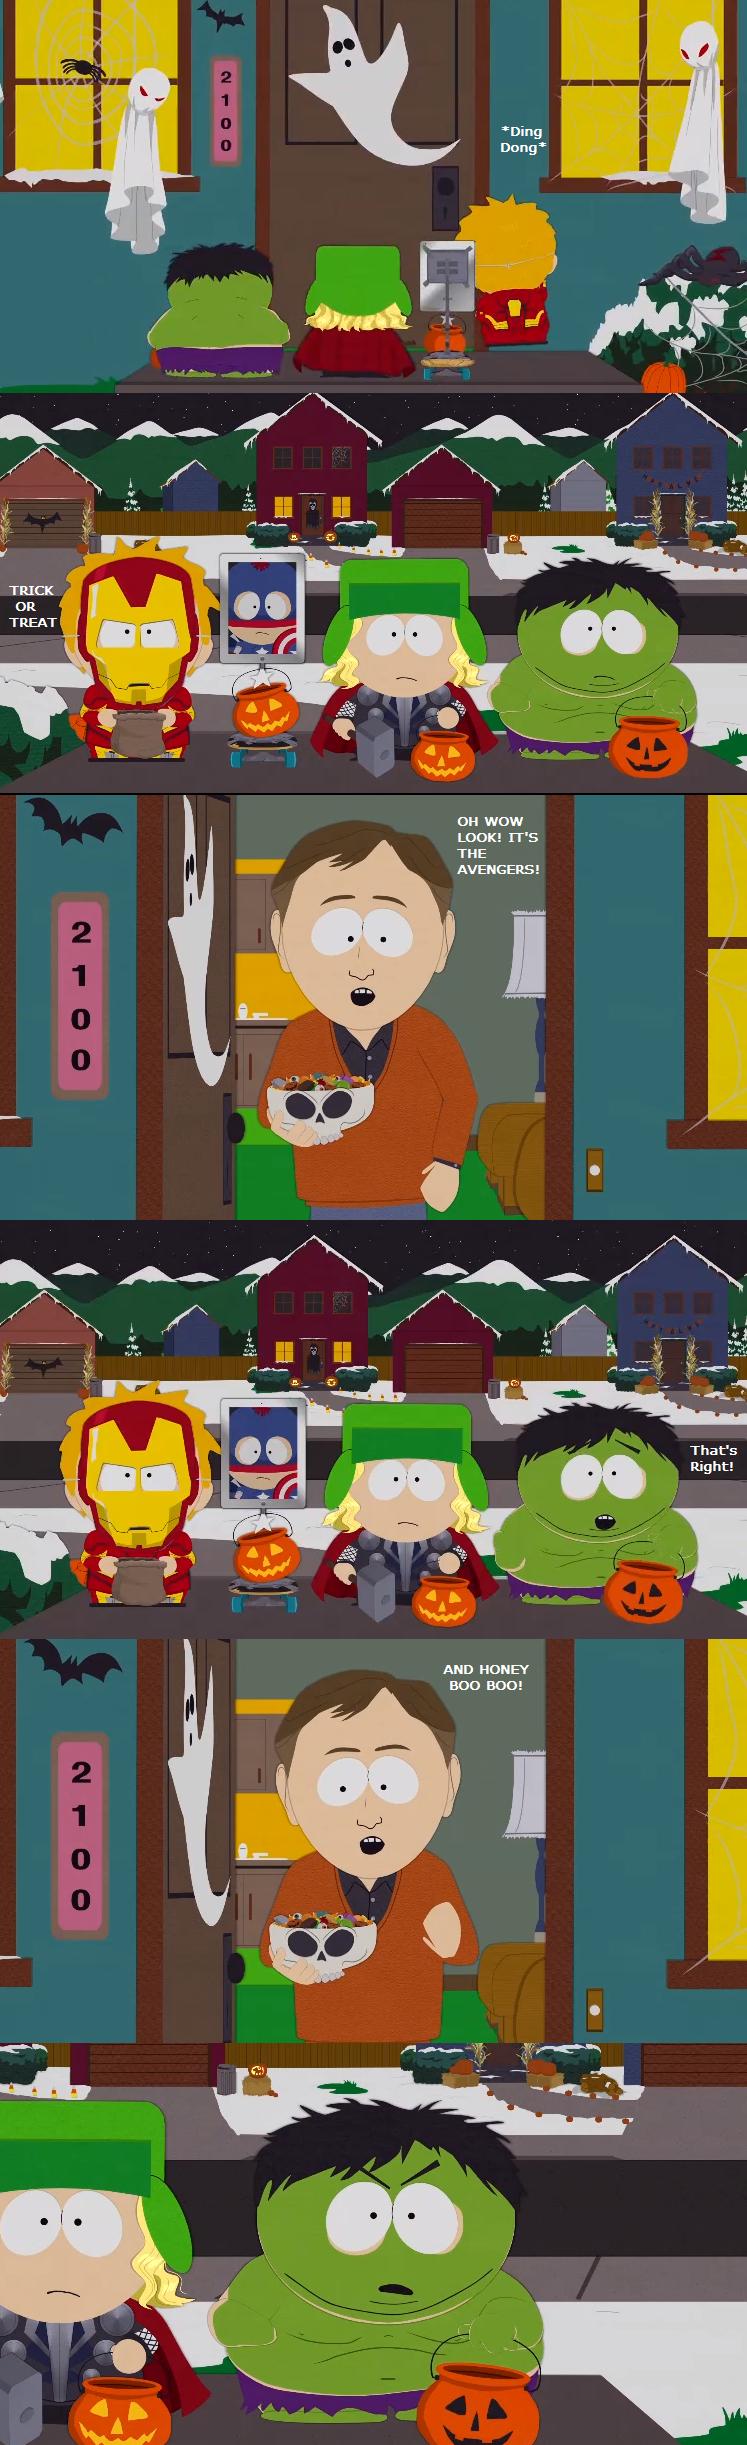 South Park. . South Park